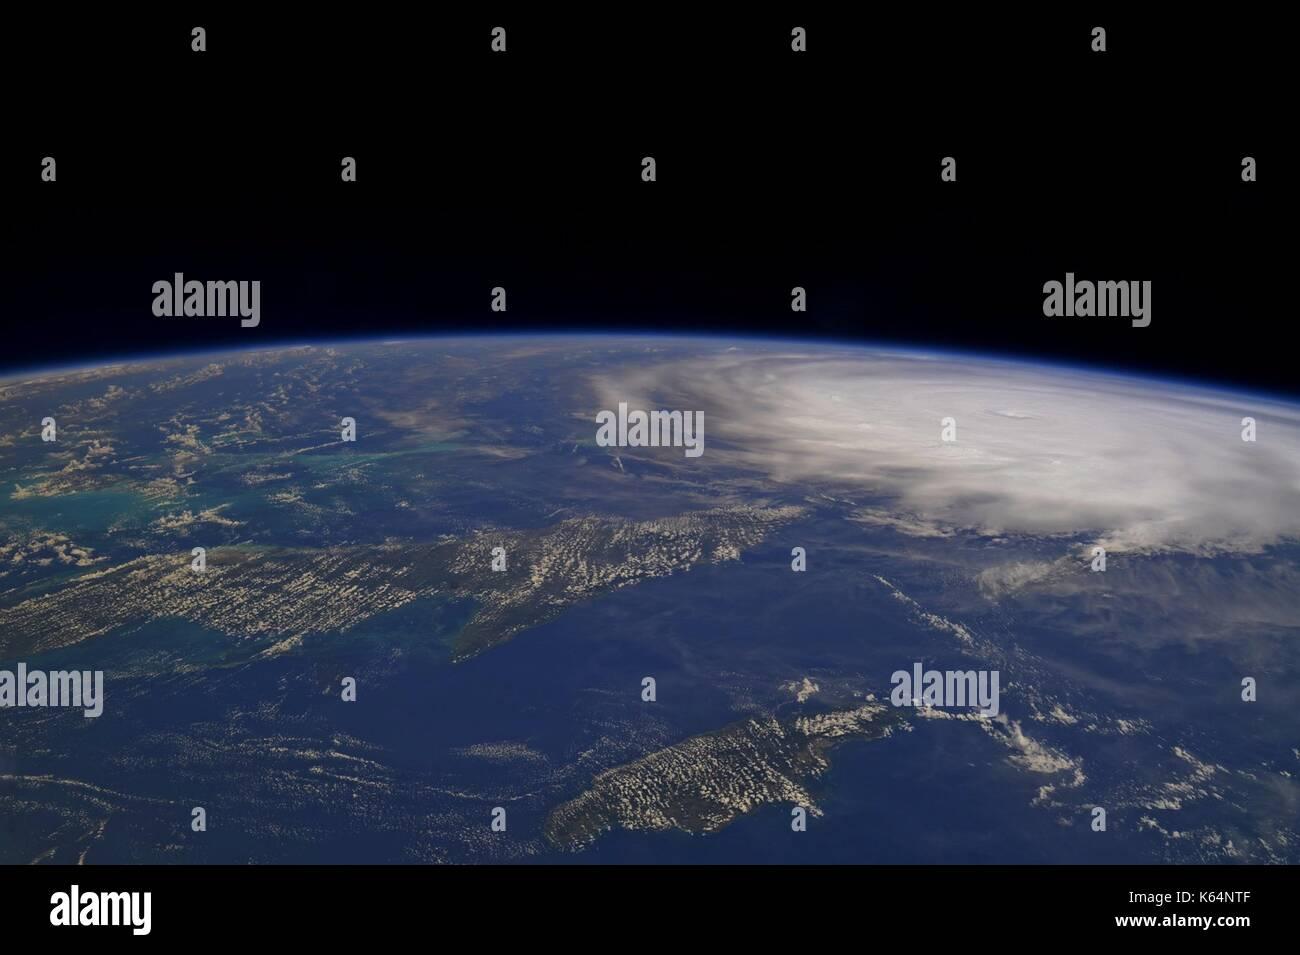 Furacão irma sobre as ilhas Turks e Caicos como ele varre o Caribe em direção ao sul da Florida como Imagens de Stock